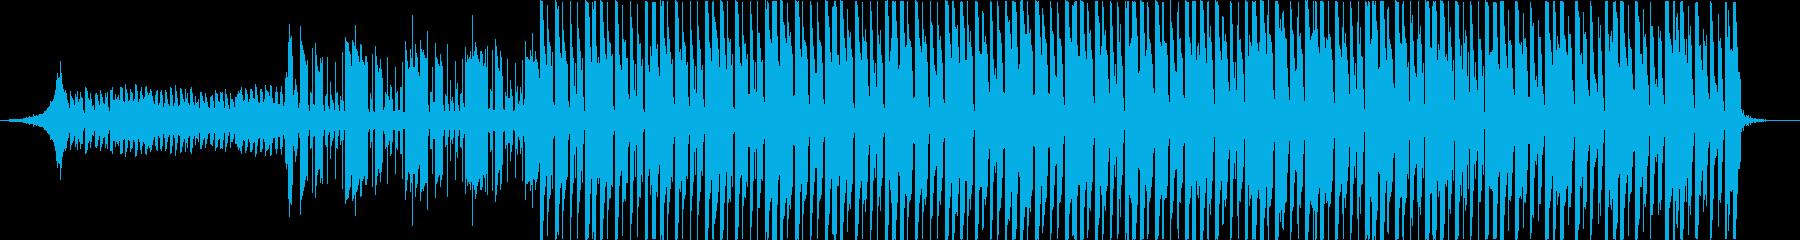 知的なレイ・ハラカミ風アートBGMの再生済みの波形